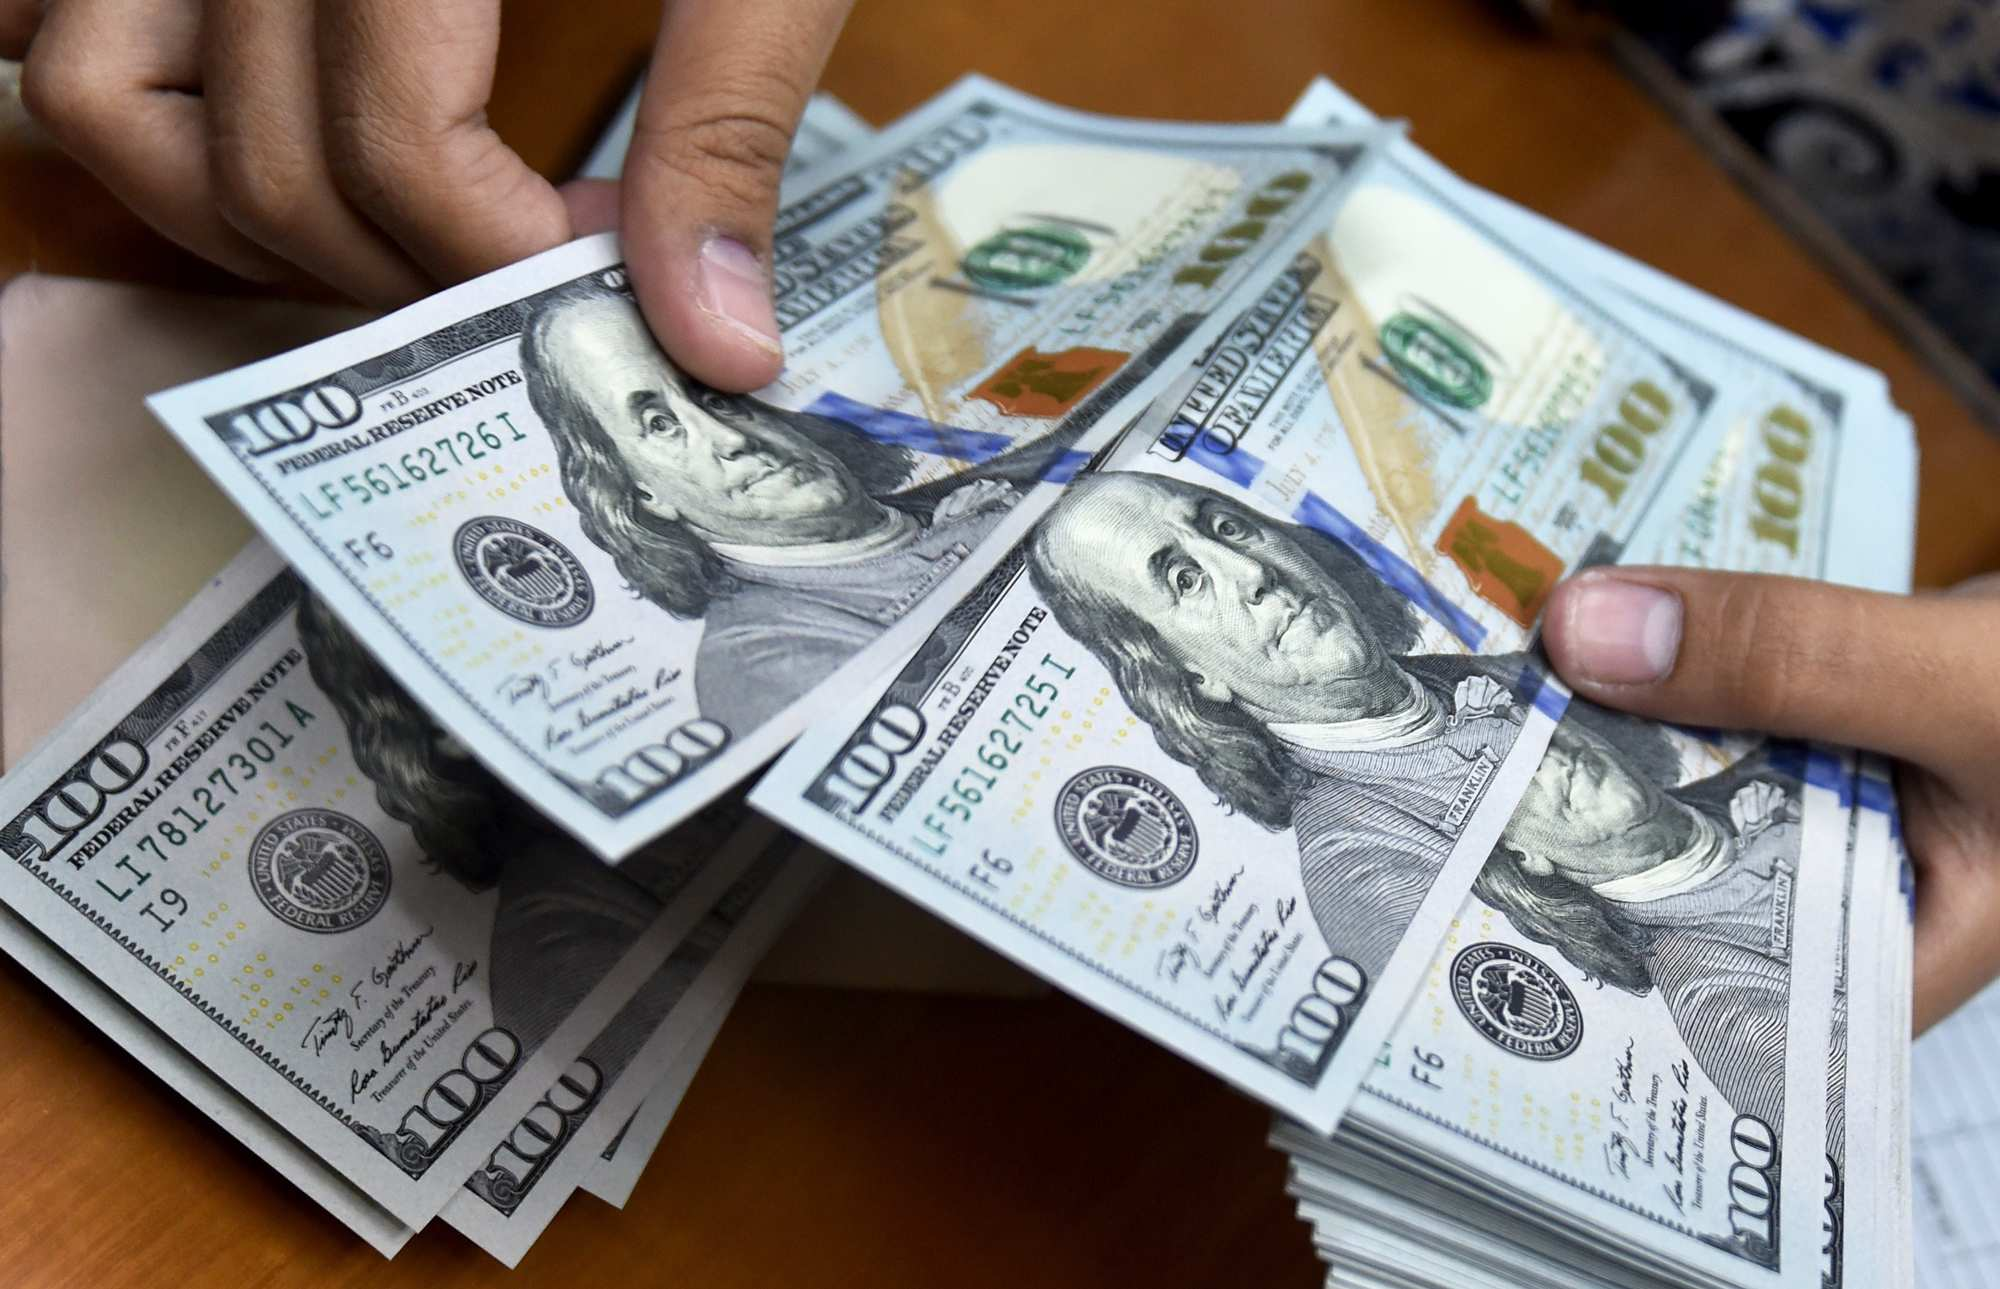 قیمت دلار و قیمت سکه 97/07/01,اخبار طلا و ارز,خبرهای طلا و ارز,طلا و ارز